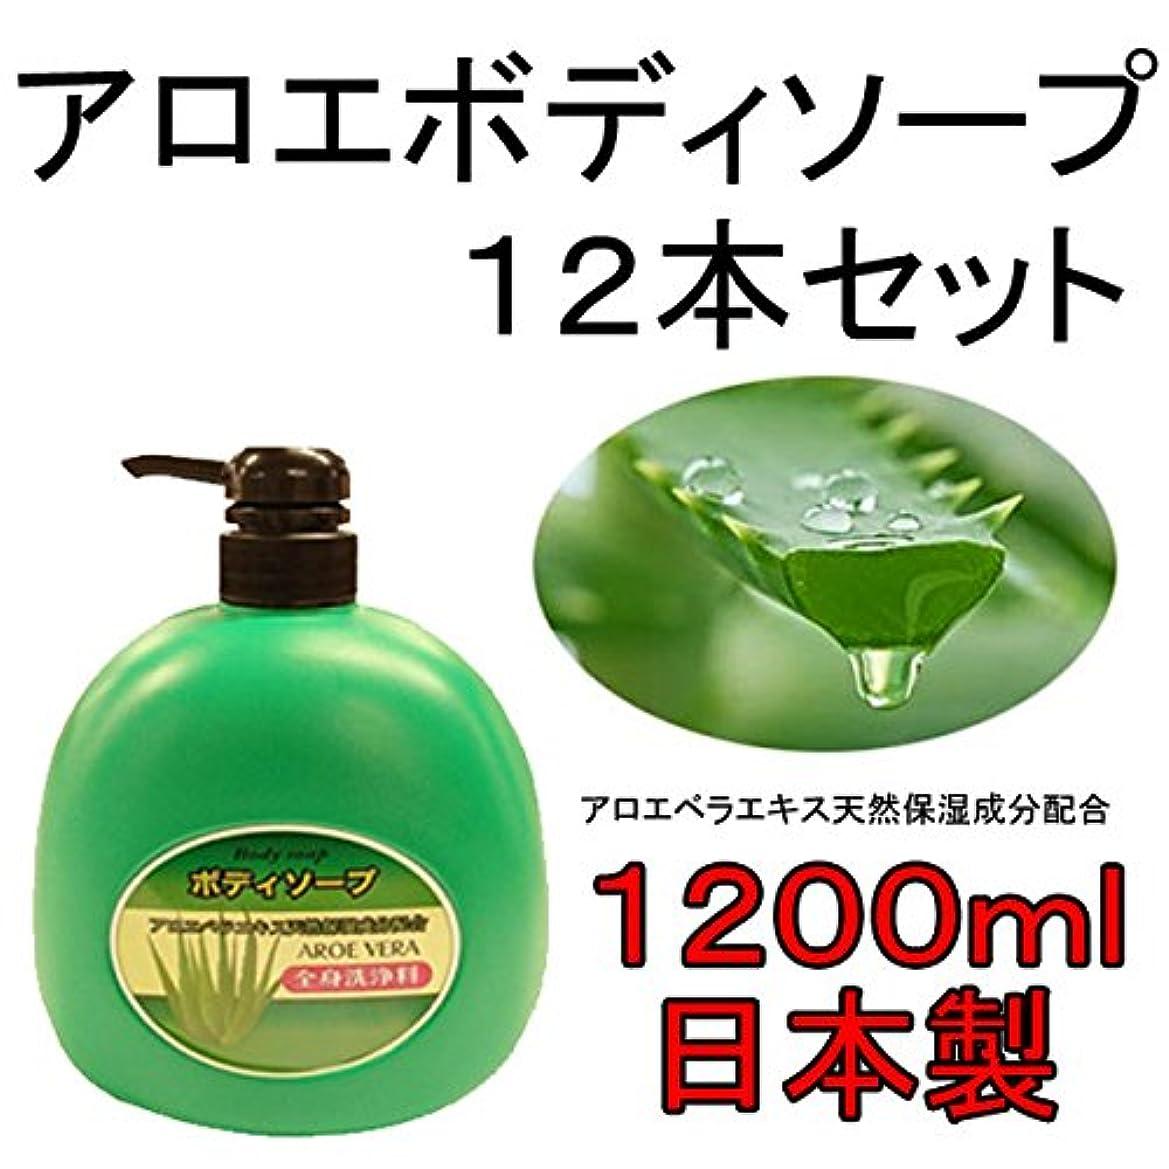 捨てるいくつかのメイド高級アロエボディソープ12本セット アロエエキスたっぷりでお肌つるつる 国産?日本製で安心/約1年分1本1200mlの大容量でお得 液体ソープ ボディソープ ボディシャンプー 風呂用 石鹸 せっけん 全身用ソープ body...